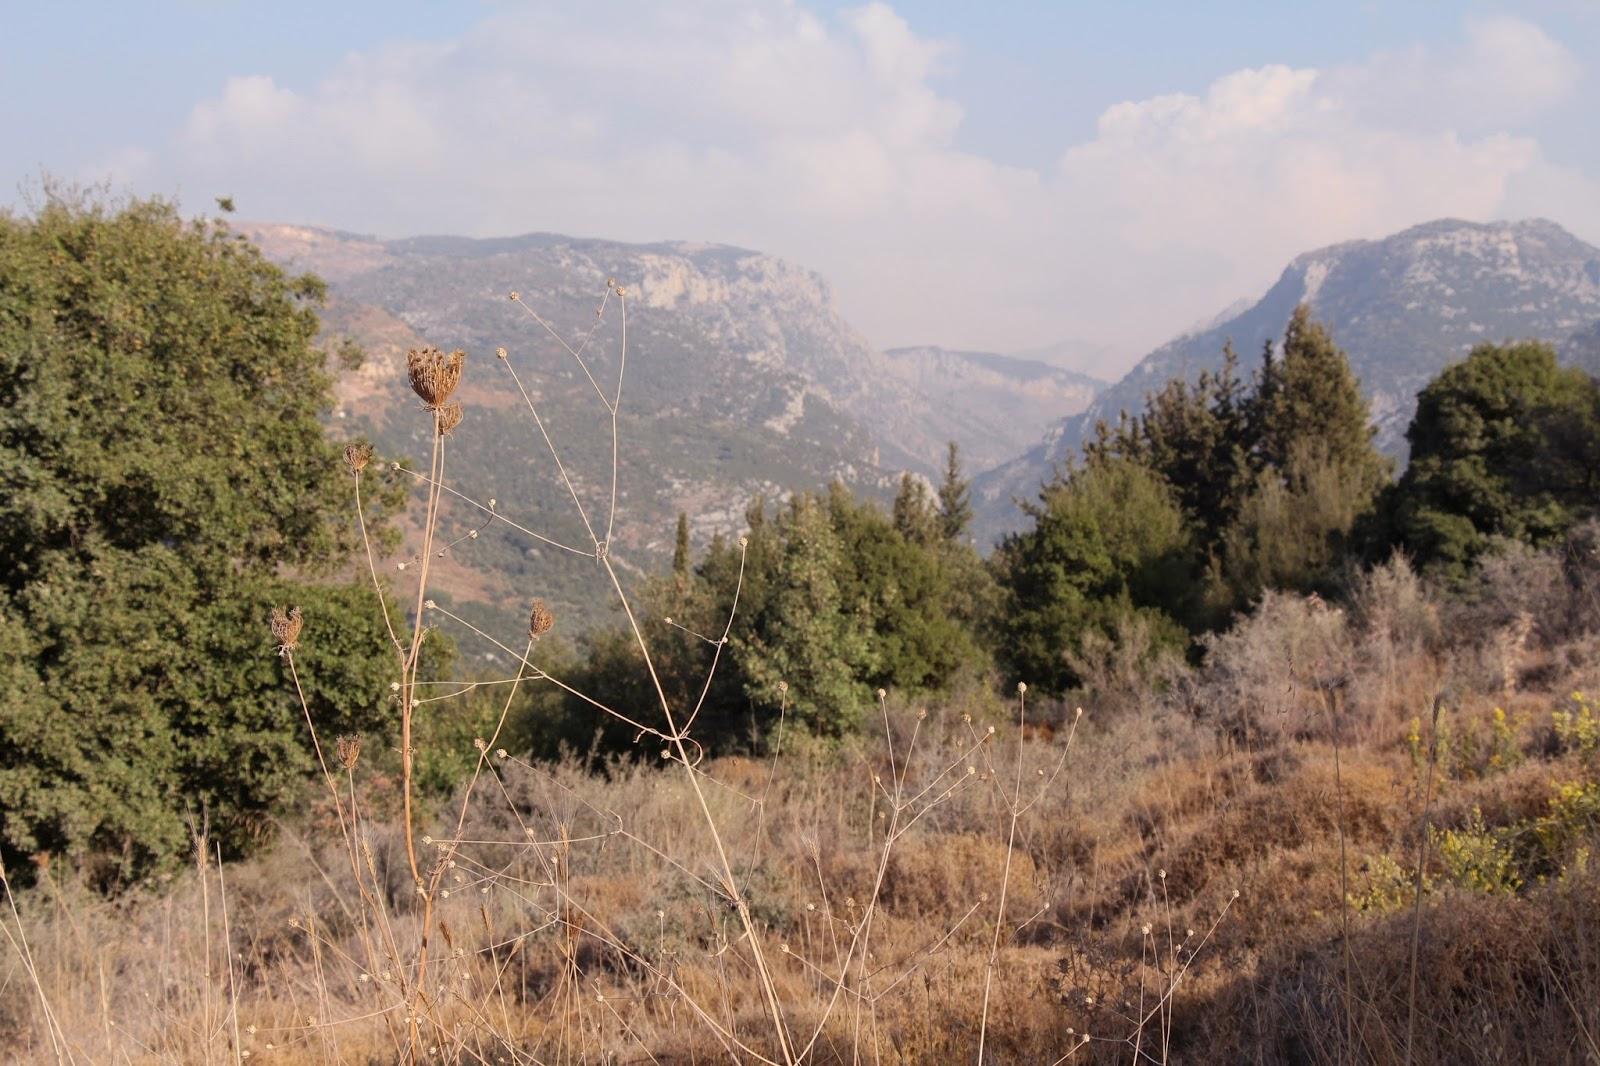 Wanderung durch die Berge